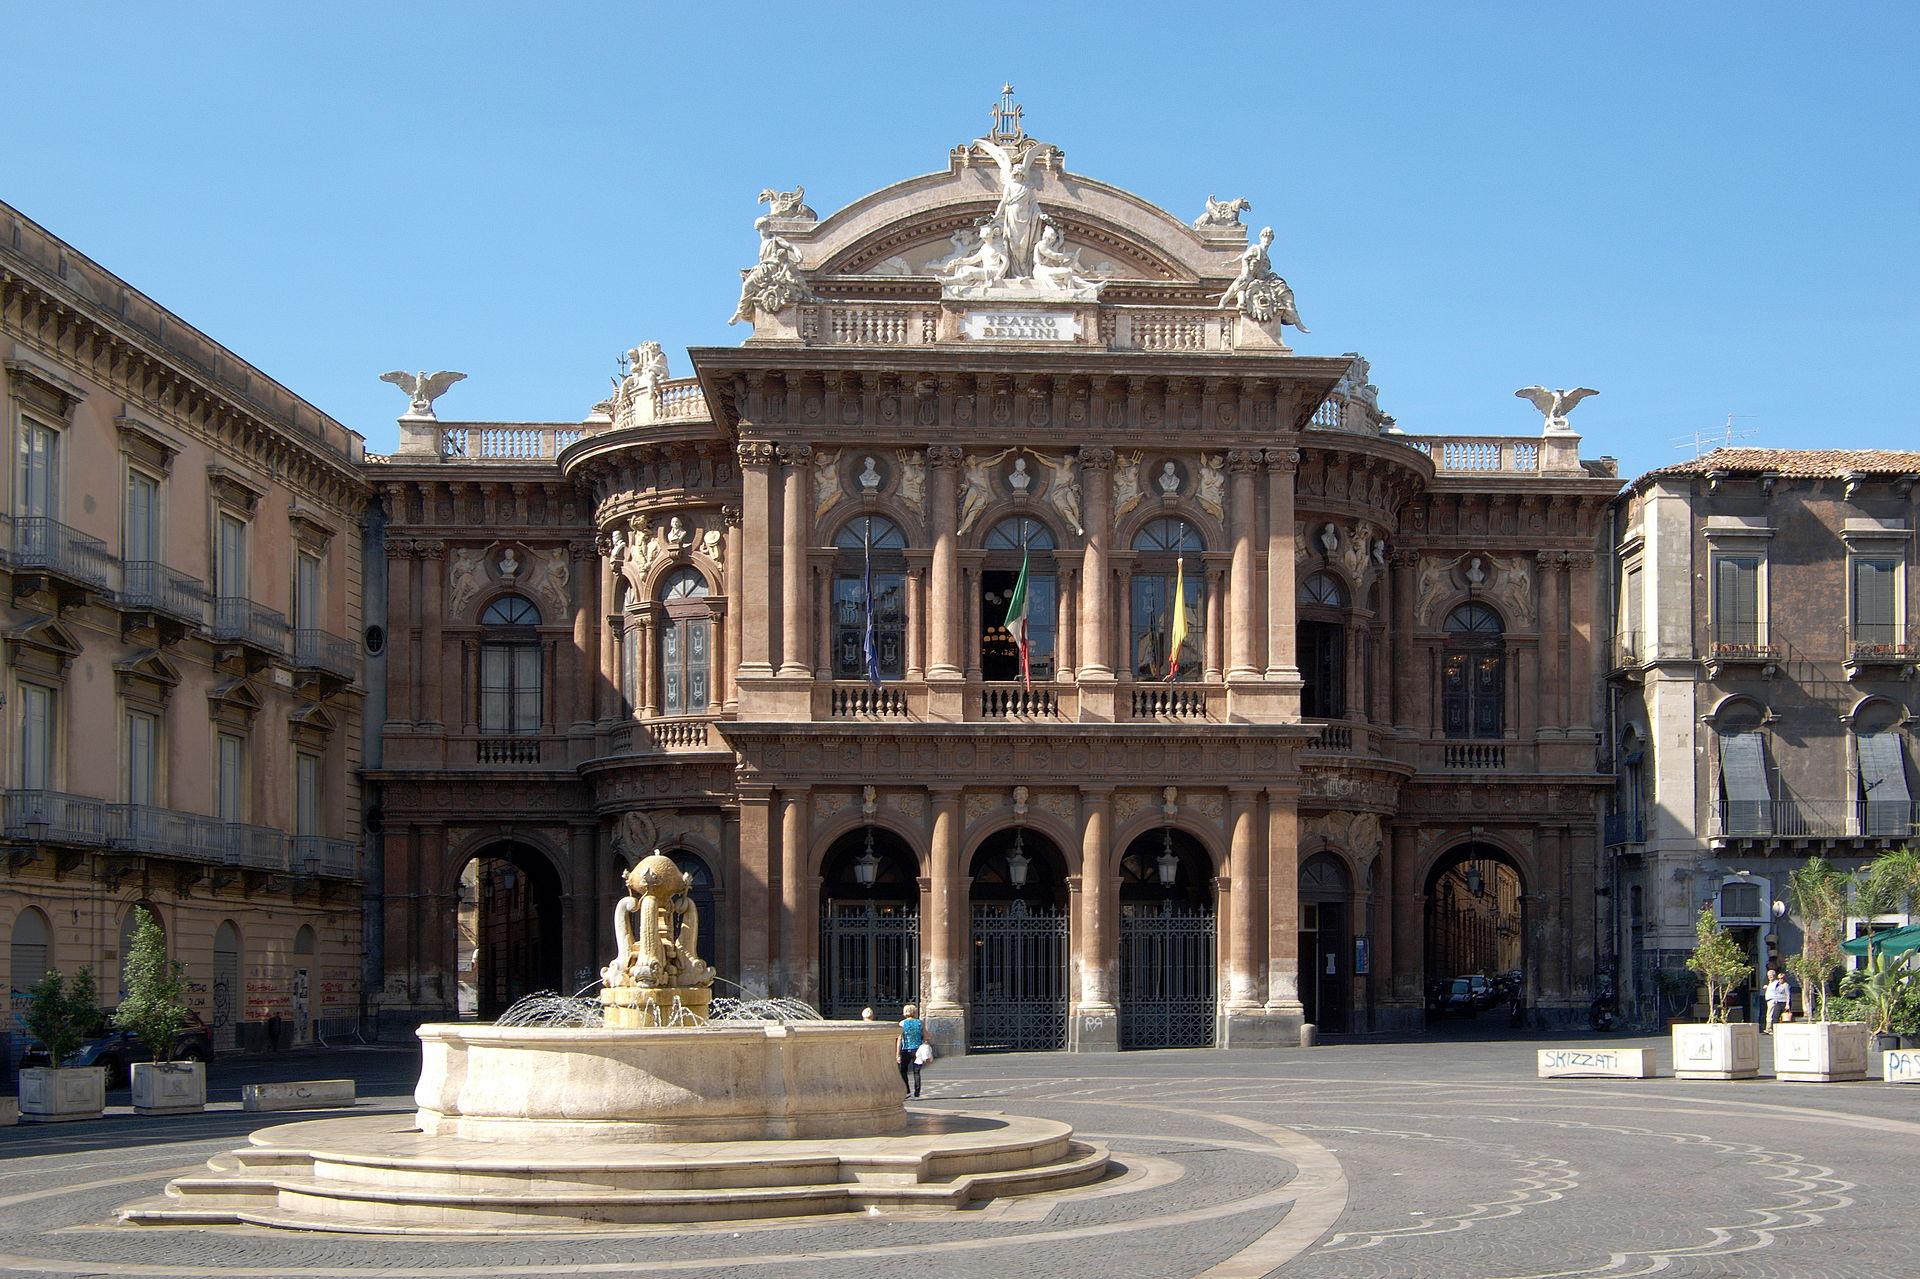 Teatro massimo vincenzo bellini wikipedia for Studio architettura catania